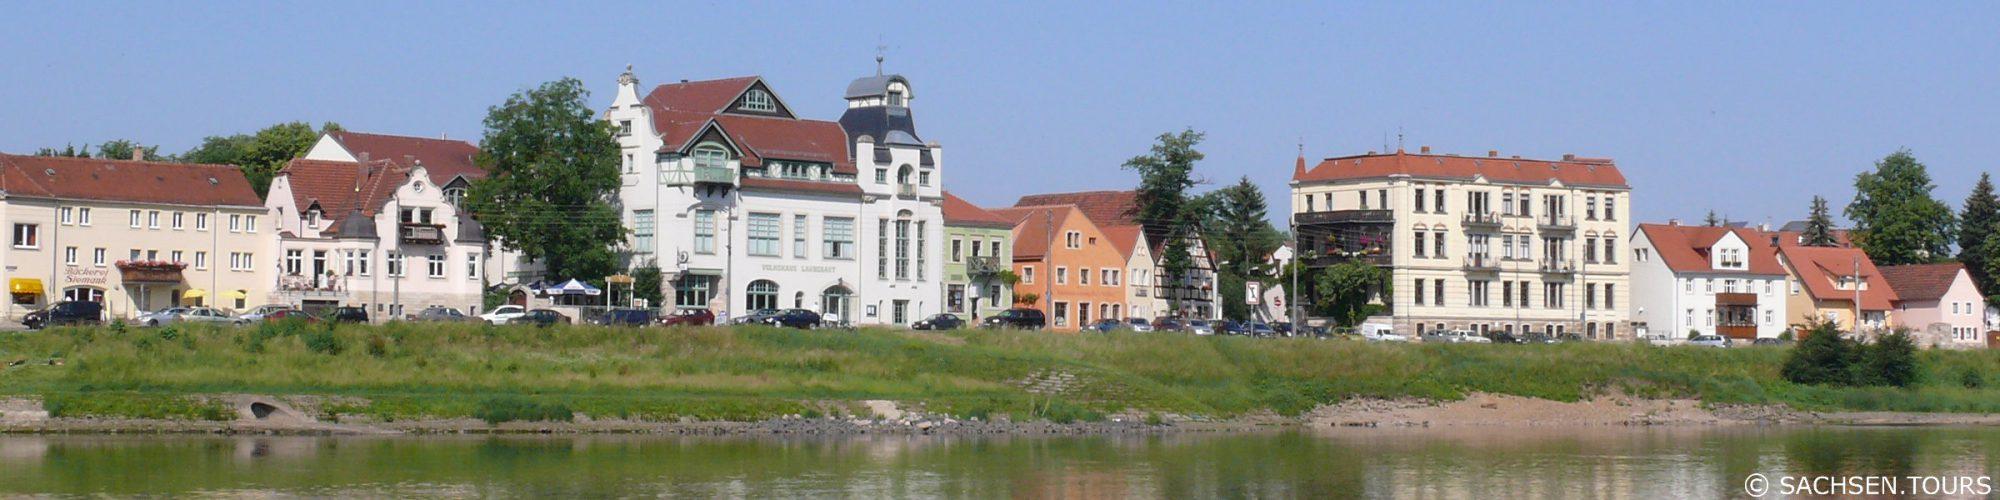 Laubegaster Ufer